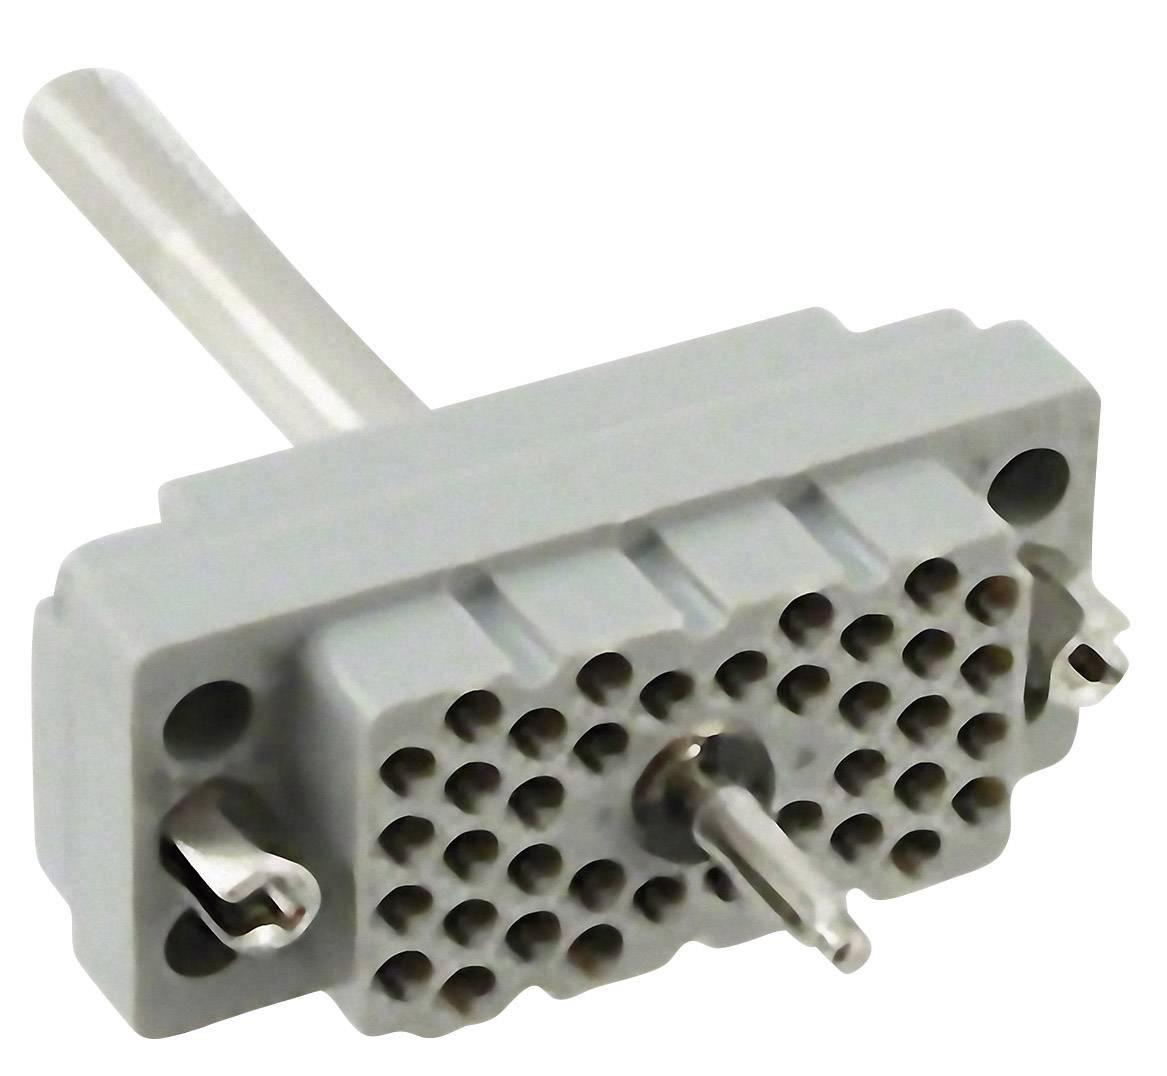 Konektorová vložka, zásuvka EDAC 516-038-000-401, počet kontaktů 38, 1 ks